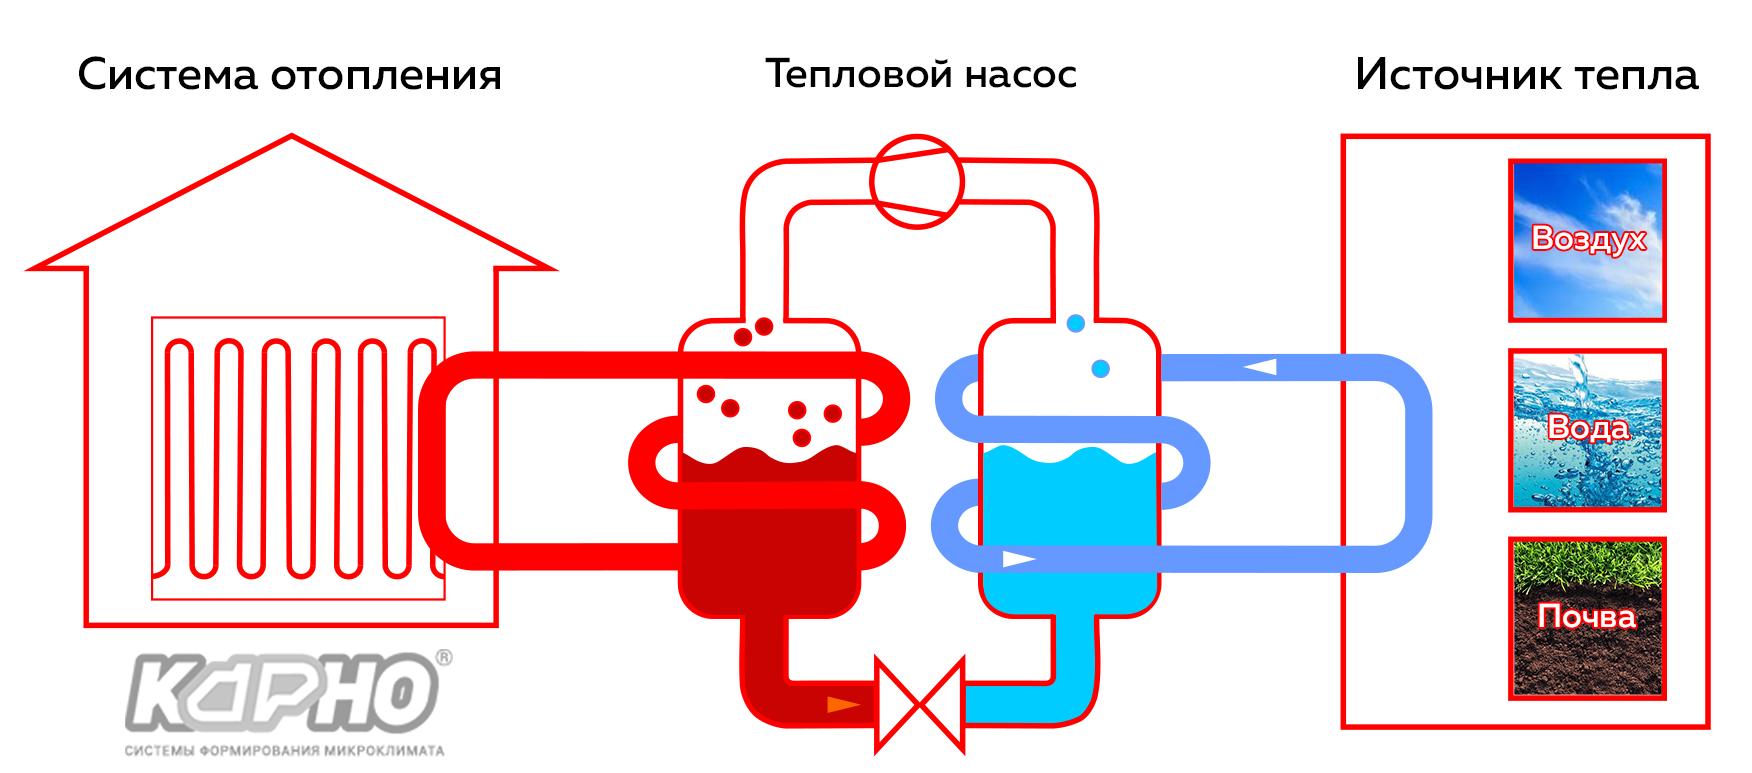 Тепловой Насос для Отопления дома - Принцип работы теплового насоса